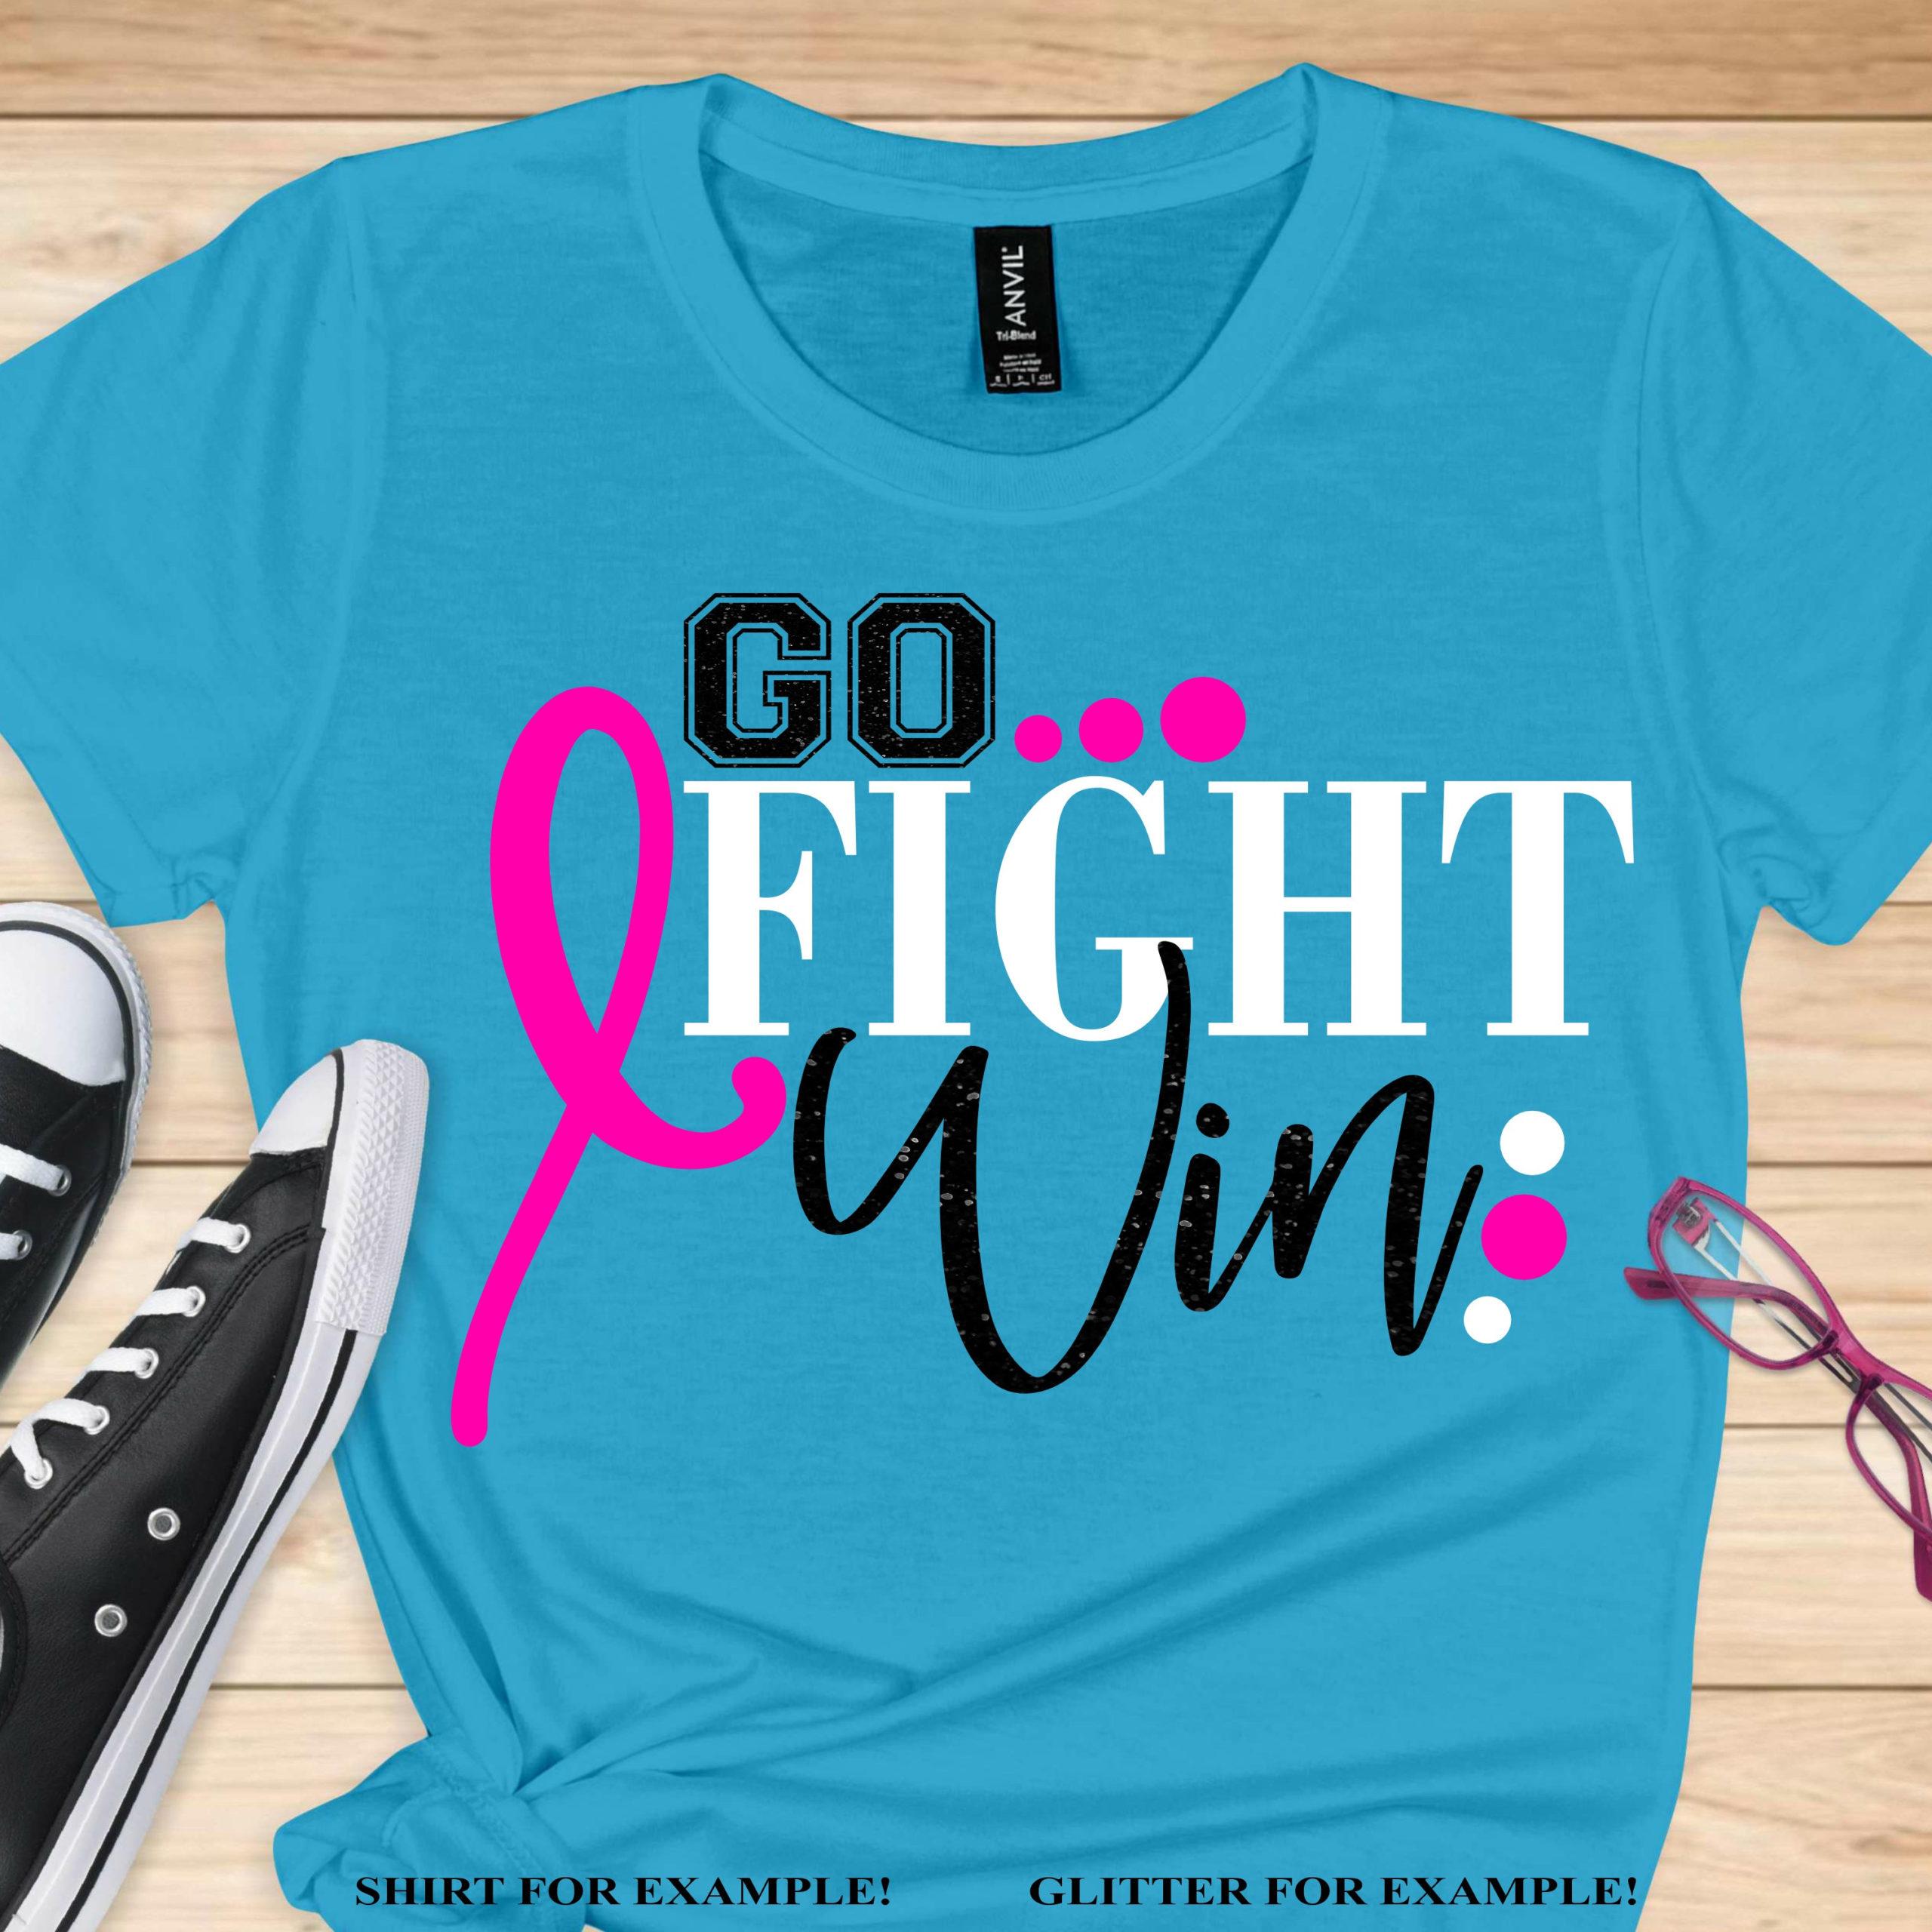 Go-fight-win-svg-fight-cancer-svg-cancer-svg-awareness-svgcancer-ribbon-svg-shirt-svgsurvivor-svg-svg-for-cricut-silhouette-cut-file-5ef790fb